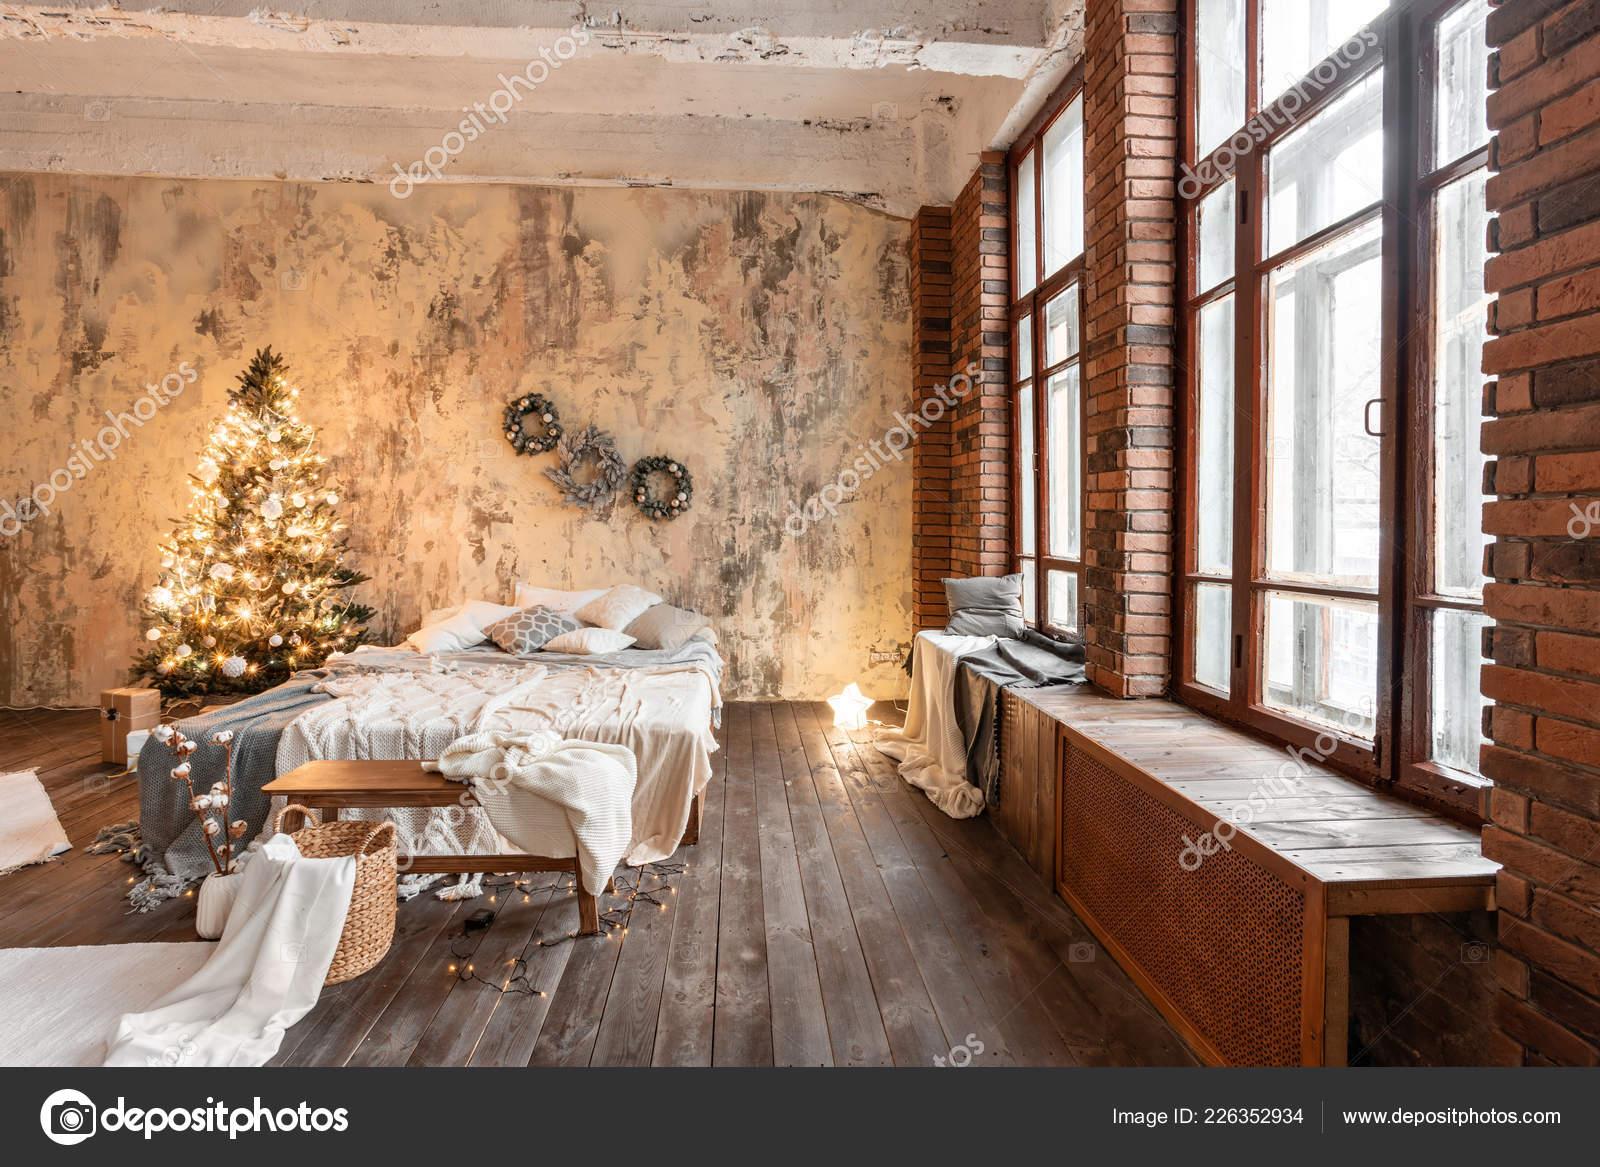 Wohnungen Im Loft Stil Bett Im Schlafzimmer Hohe Grosse Fenster Ziegelwand Mit Kerzen Und Weihnachtsbaum Warme Und Braune Farbe Stockfoto C Malkovkosta 226352934